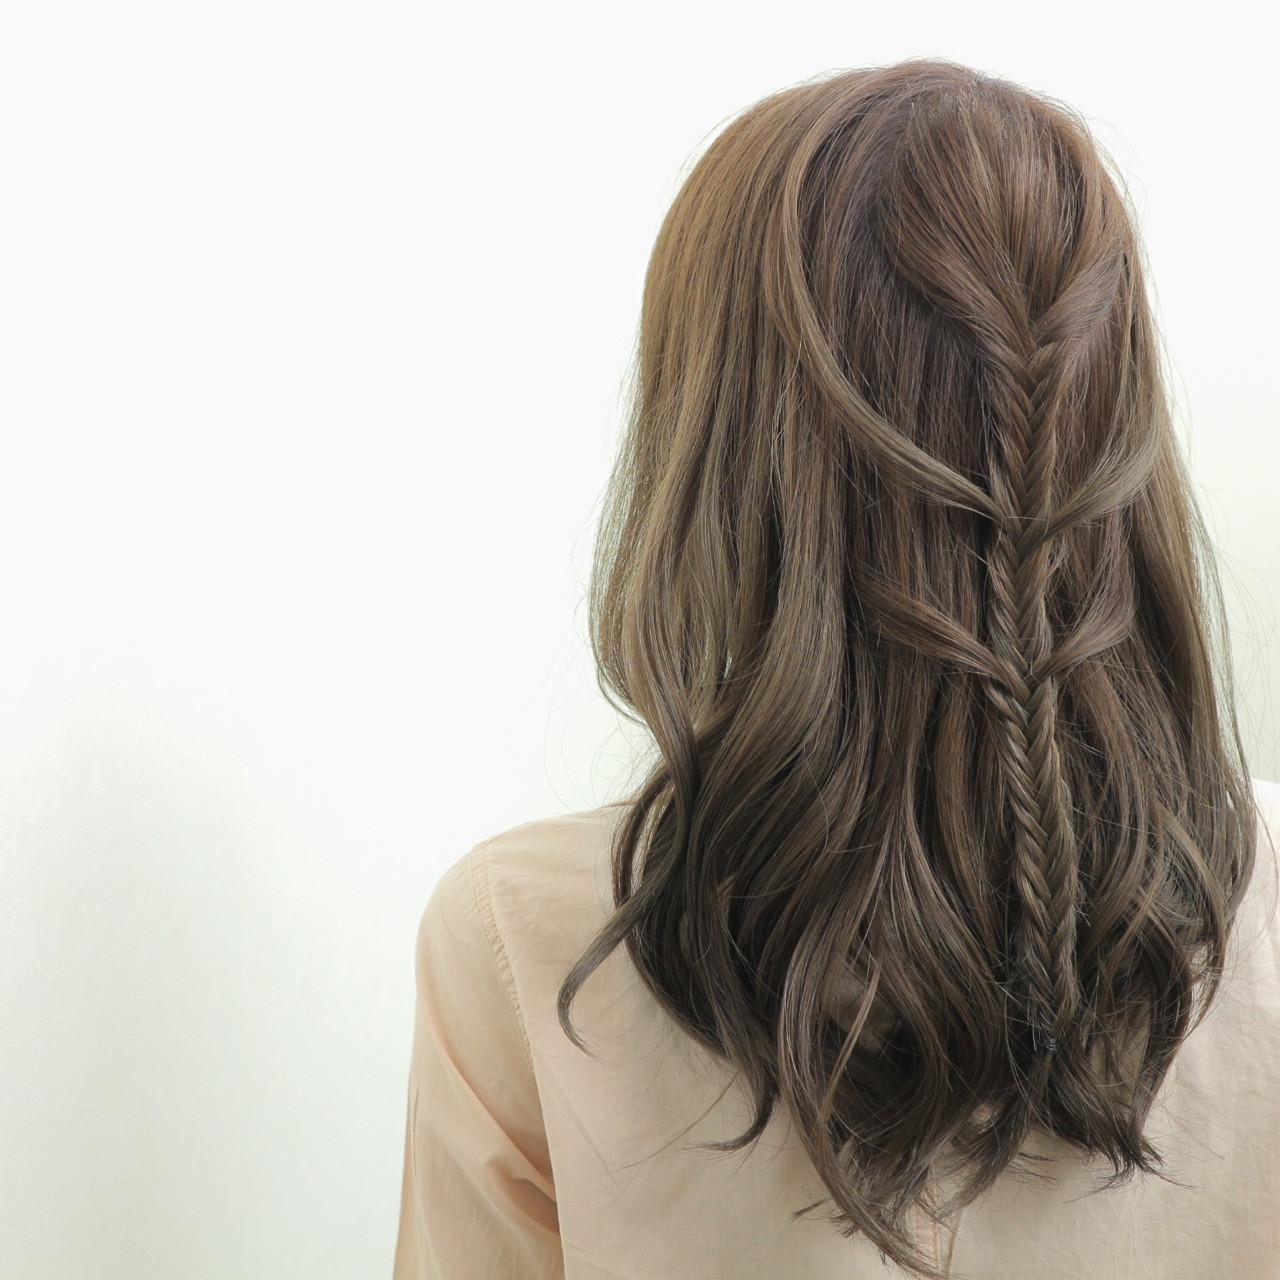 外国人風 ヘアアレンジ セミロング 編み込み ヘアスタイルや髪型の写真・画像 | 桑村亮太/CALIF hair store / 函館/CALIF hair store/キャリフ ヘアストア